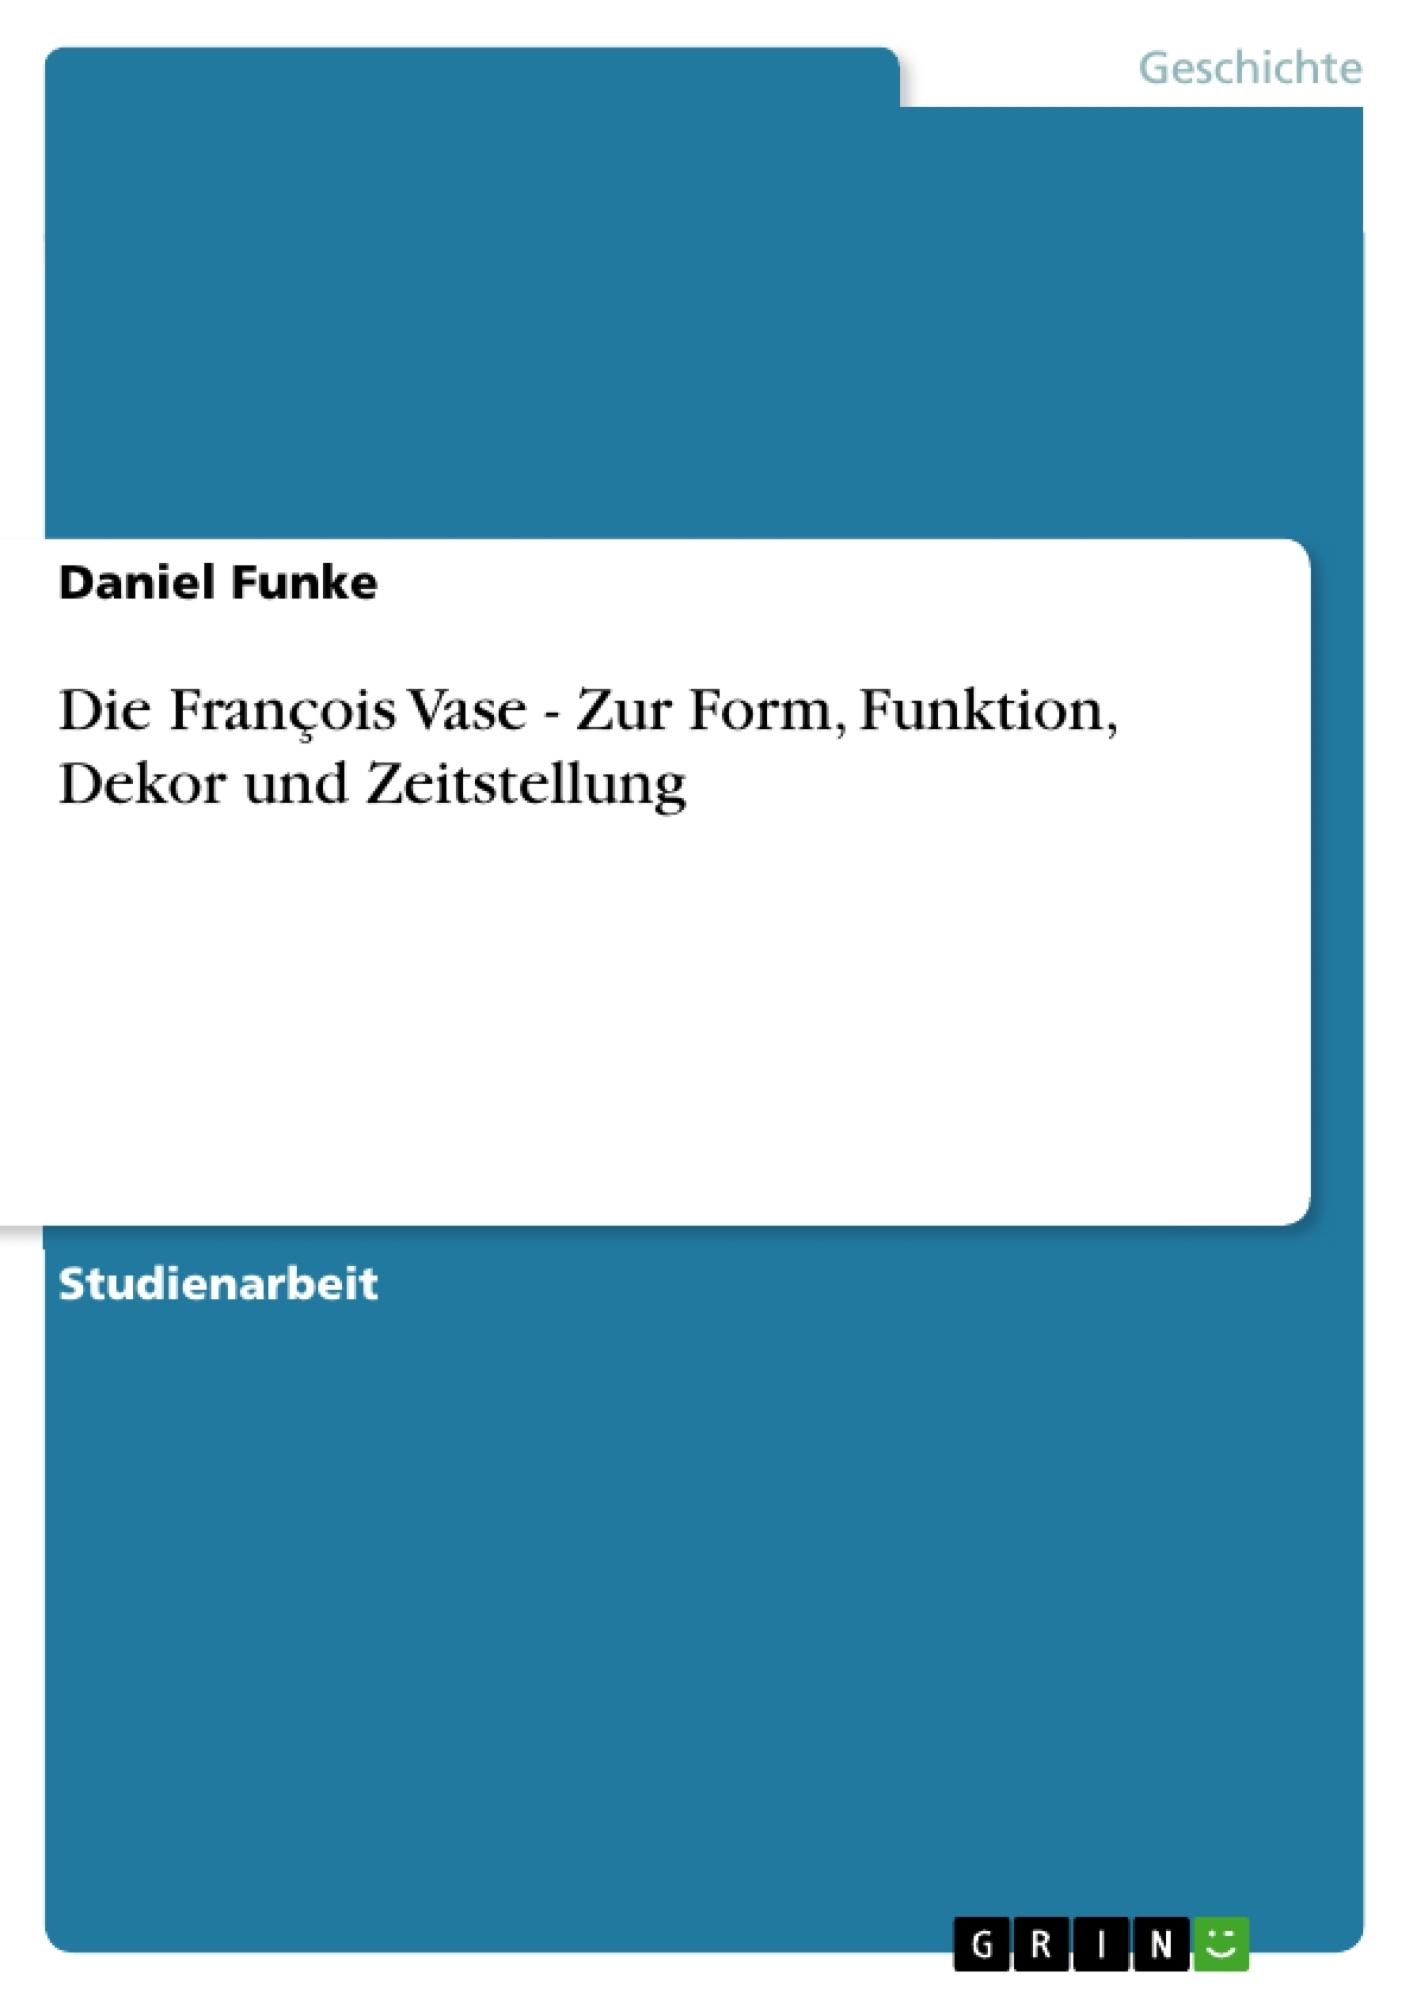 Titel: Die François Vase - Zur Form, Funktion, Dekor und Zeitstellung